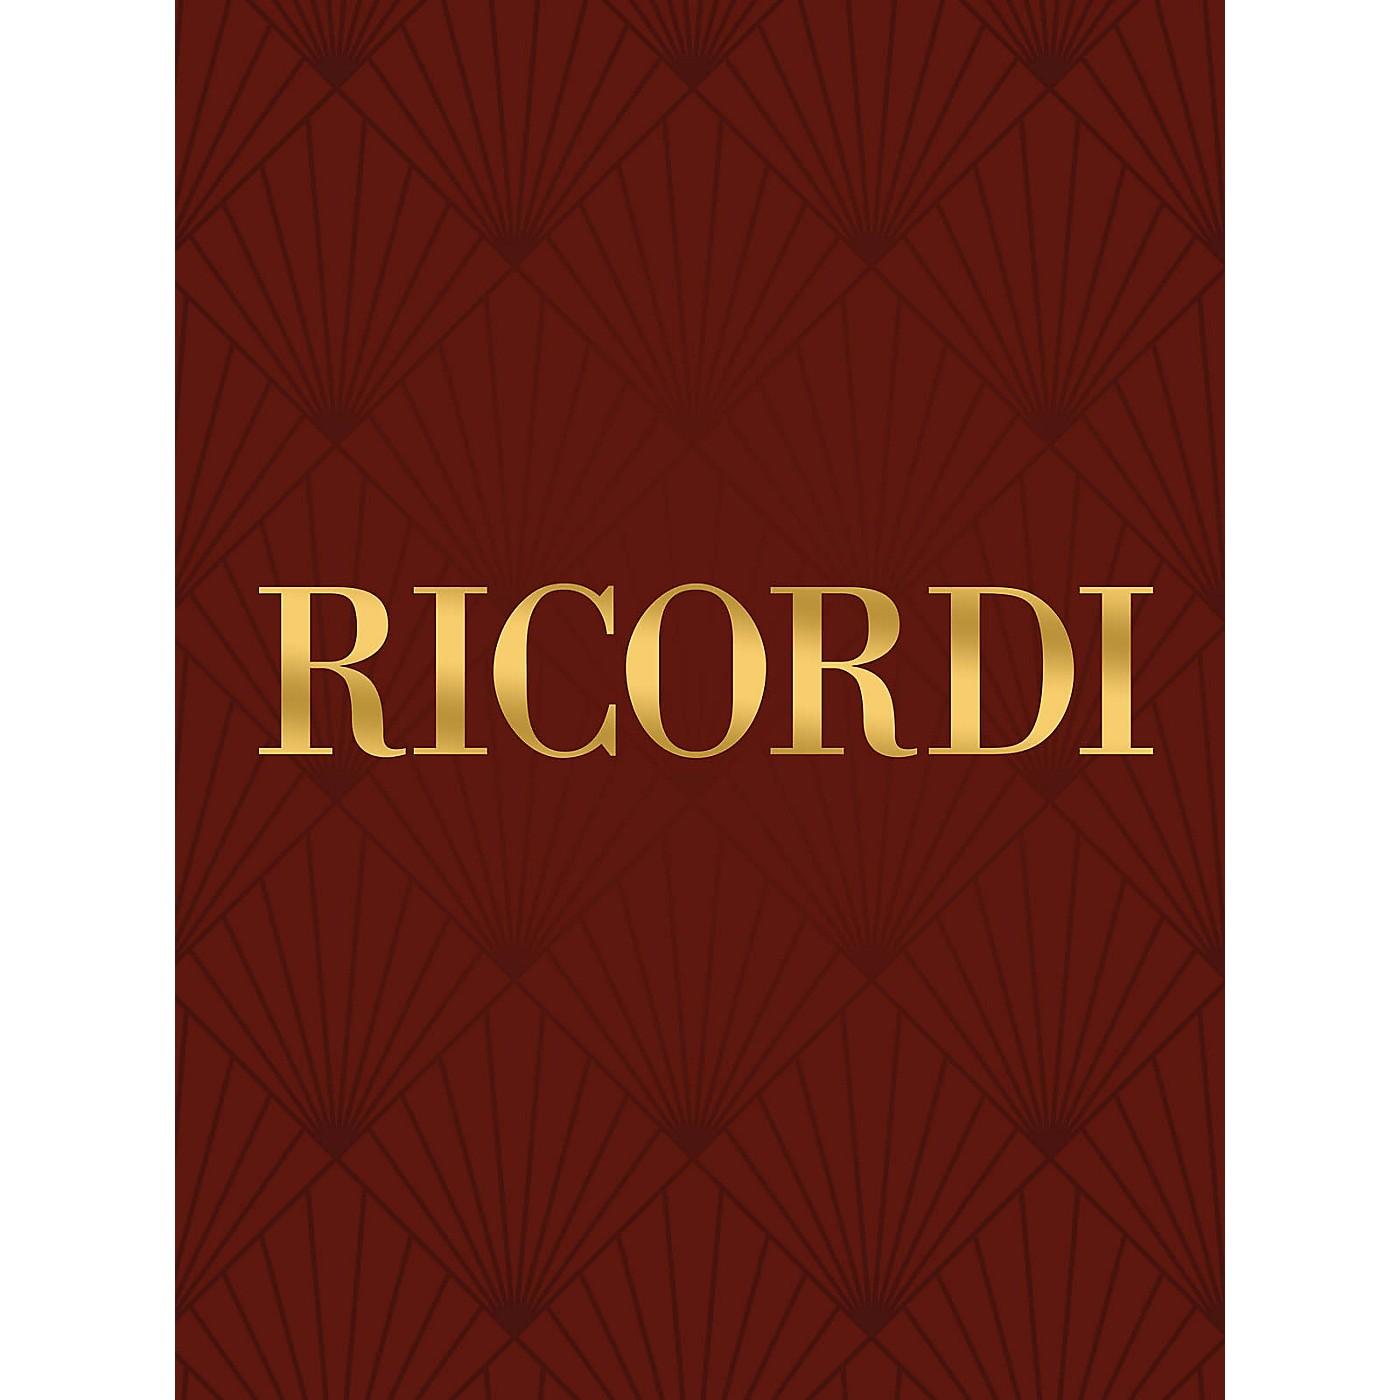 Ricordi L'assedio di Corinto (The Siege of Corinth) (Vocal Score) Vocal Score Series by Gioacchino Rossini thumbnail